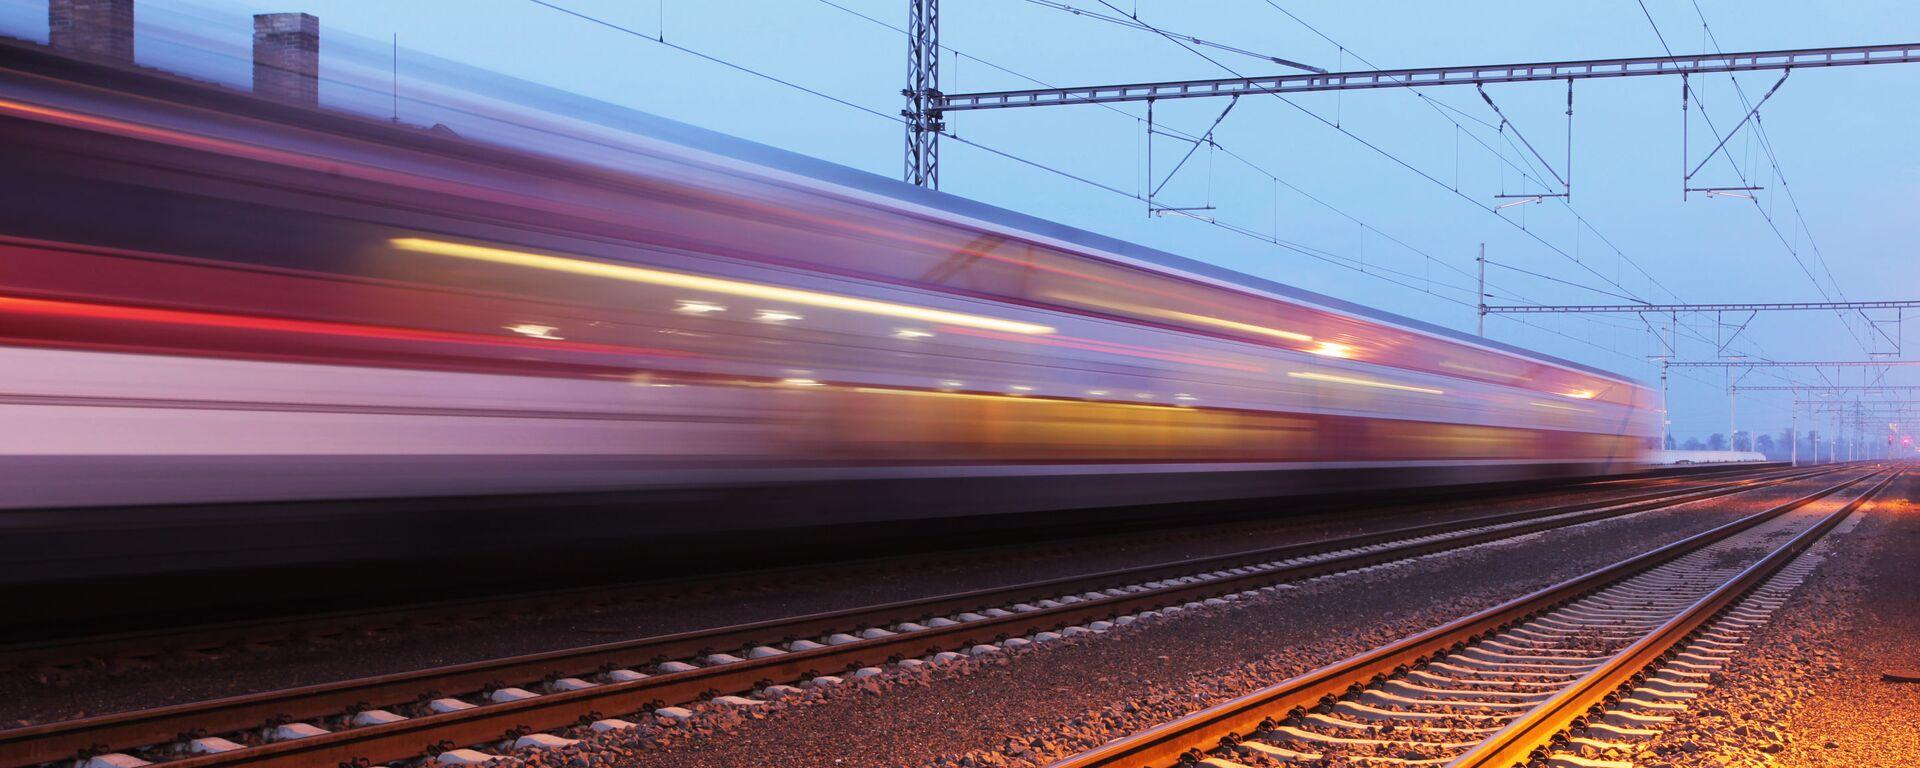 Kraje bałtyckie, Polska i Finlandia w 2018 roku rozpoczną budowę transeuropejskiej linii kolejowej Rail Baltica - Sputnik Polska, 1920, 24.08.2021